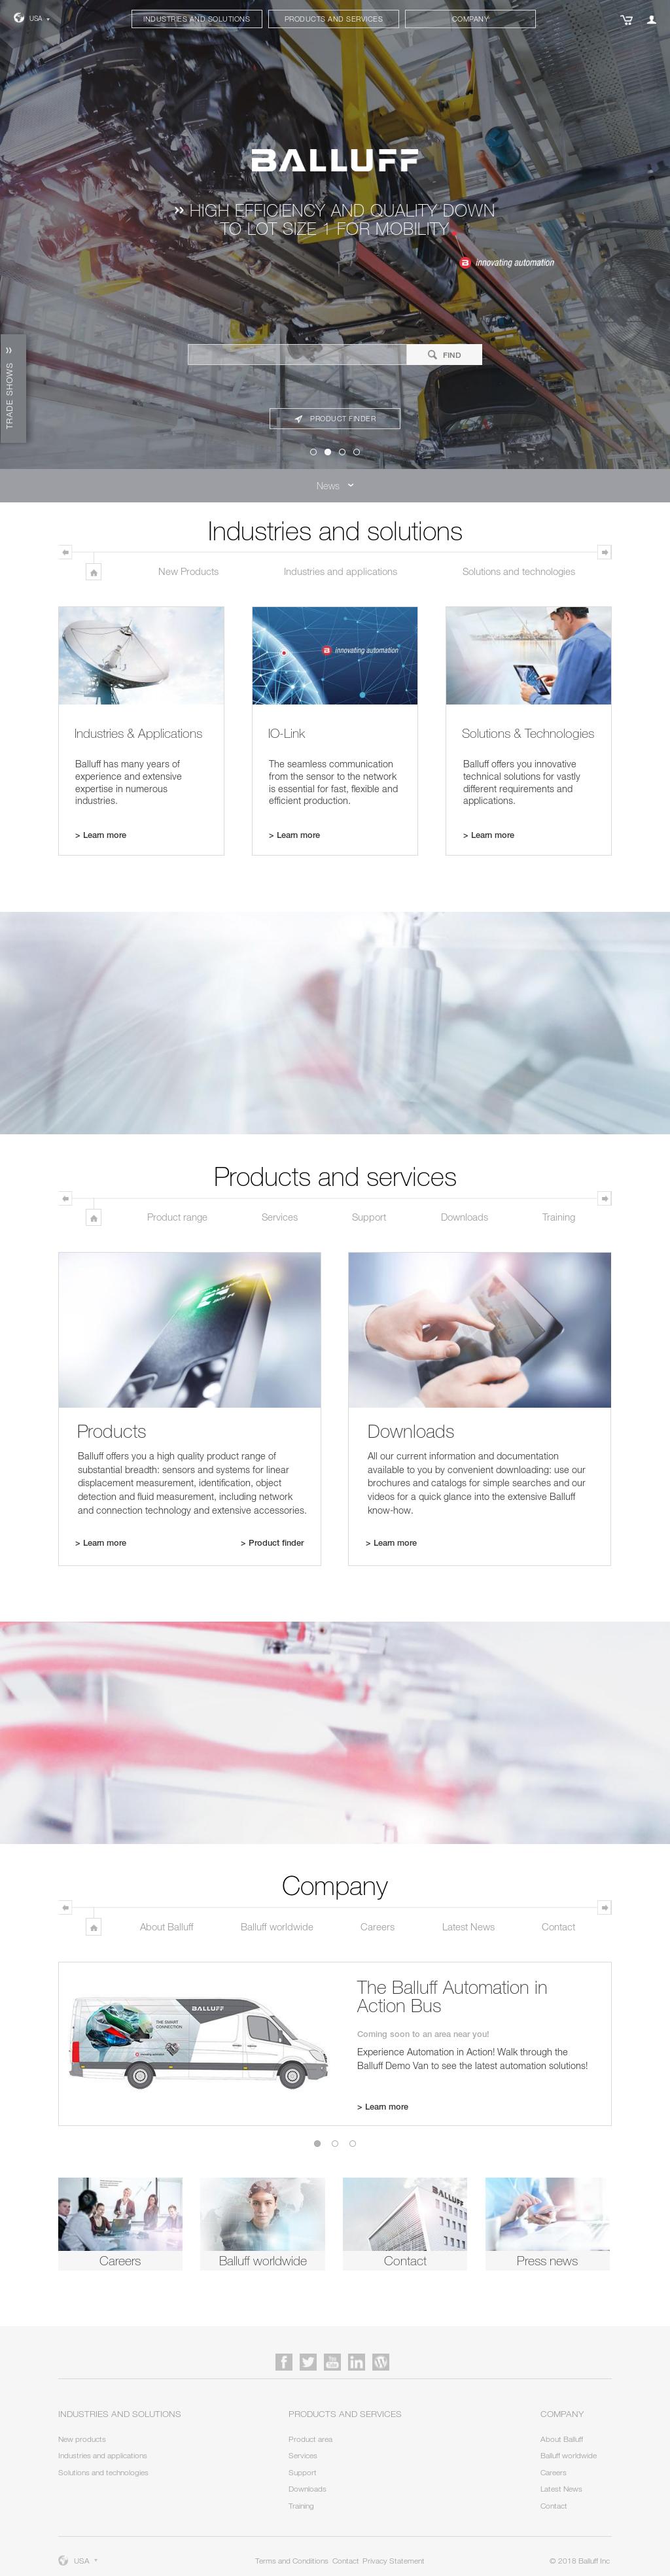 Balluff Competitors, Revenue and Employees - Owler Company Profile